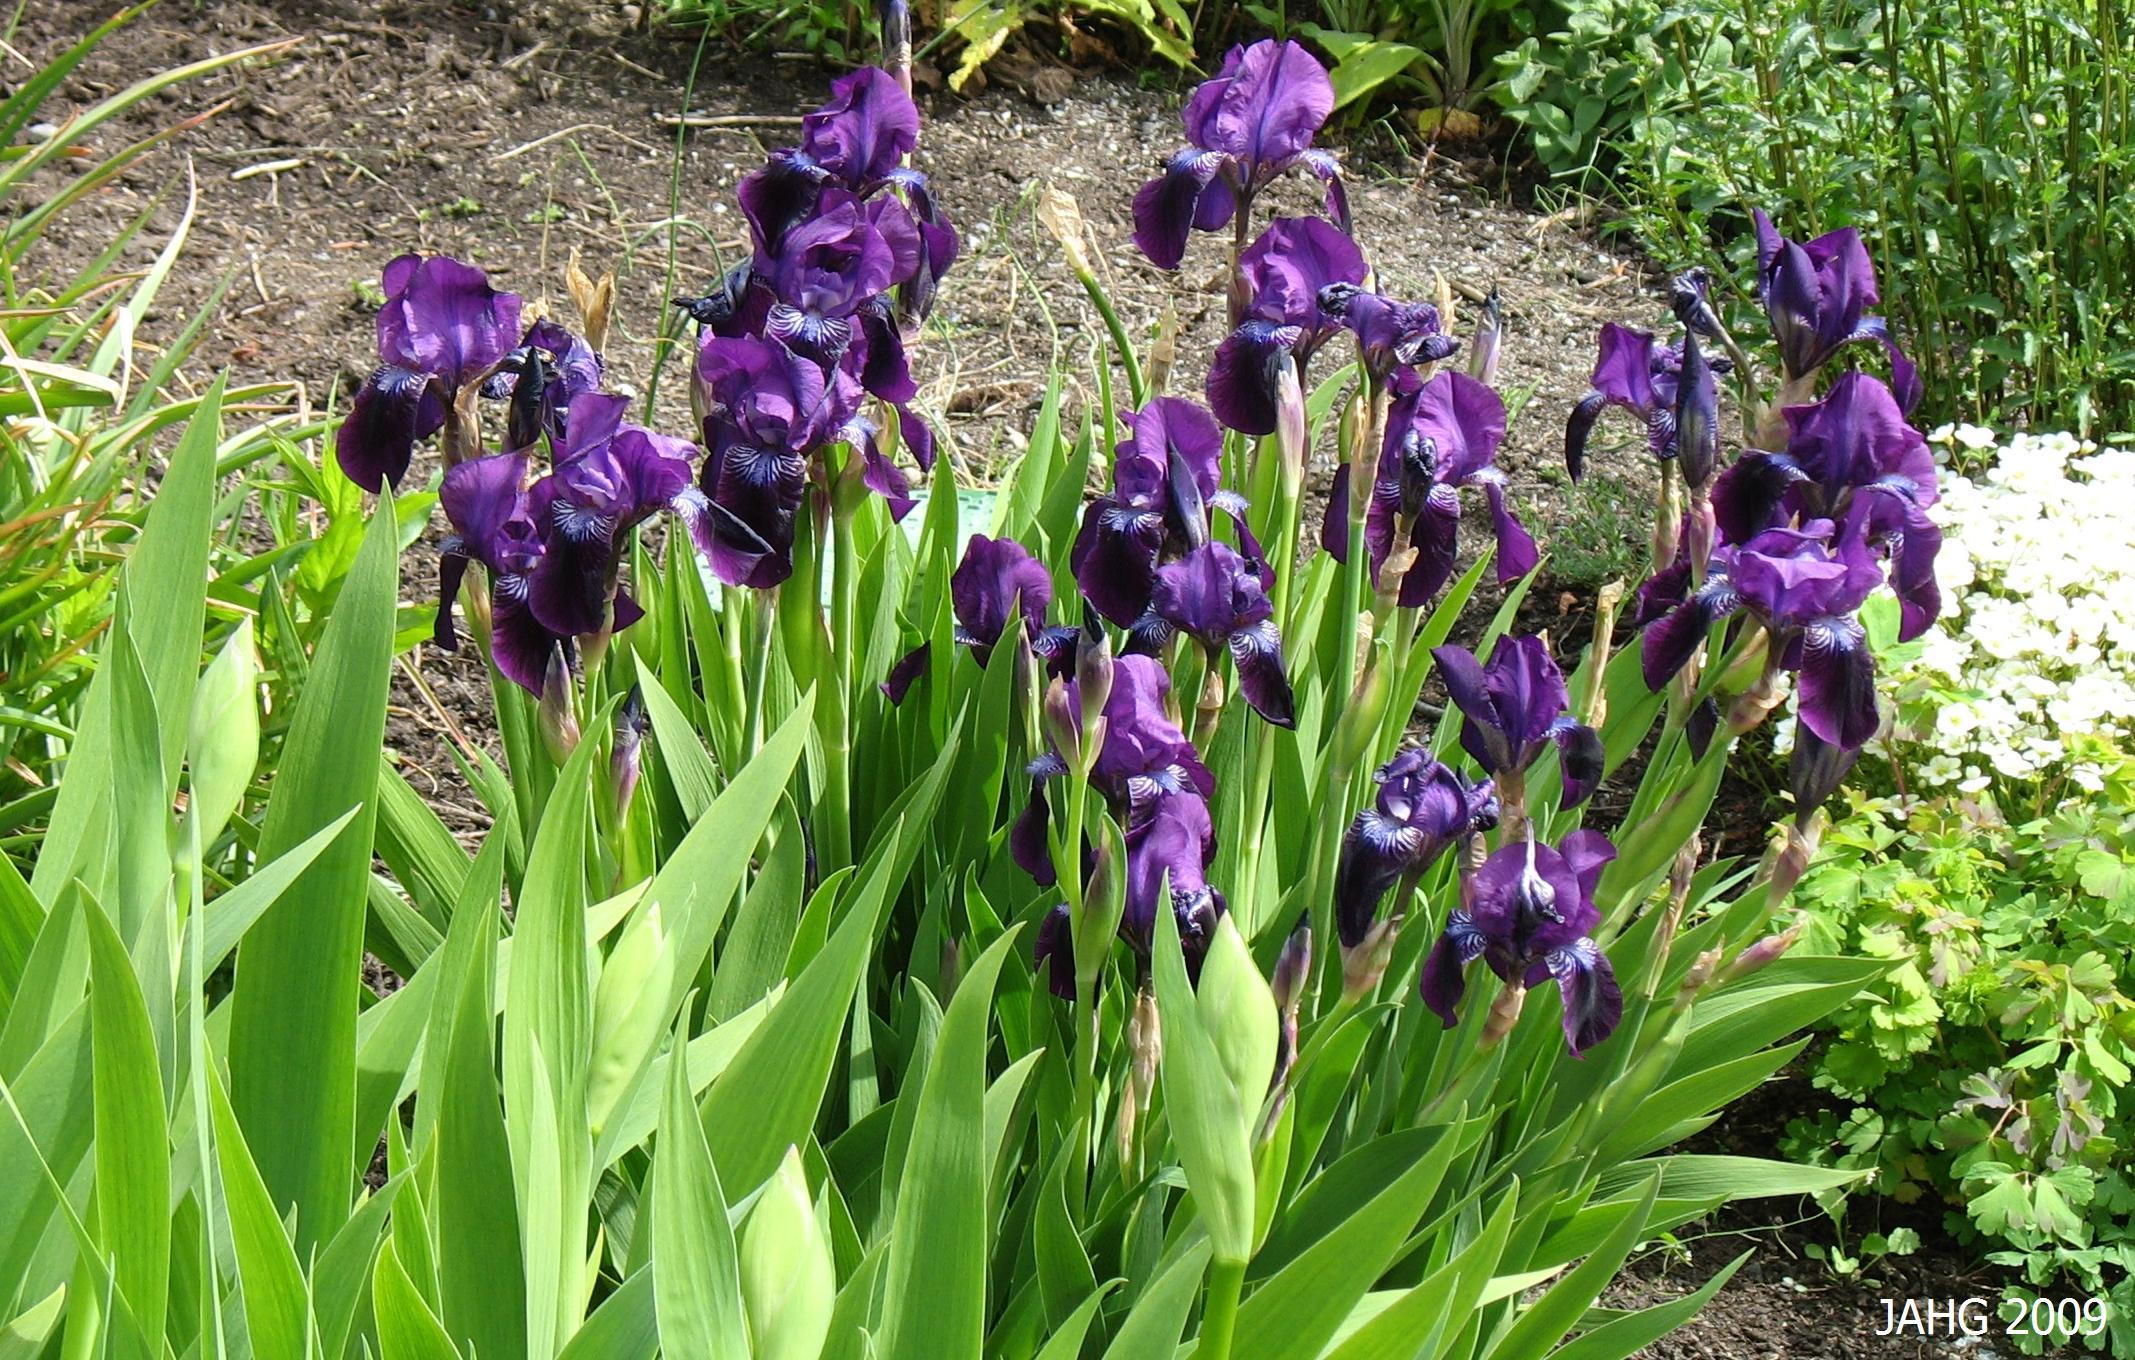 A Very Dark Purple Dwarf Variety of Common Bearded Iris.